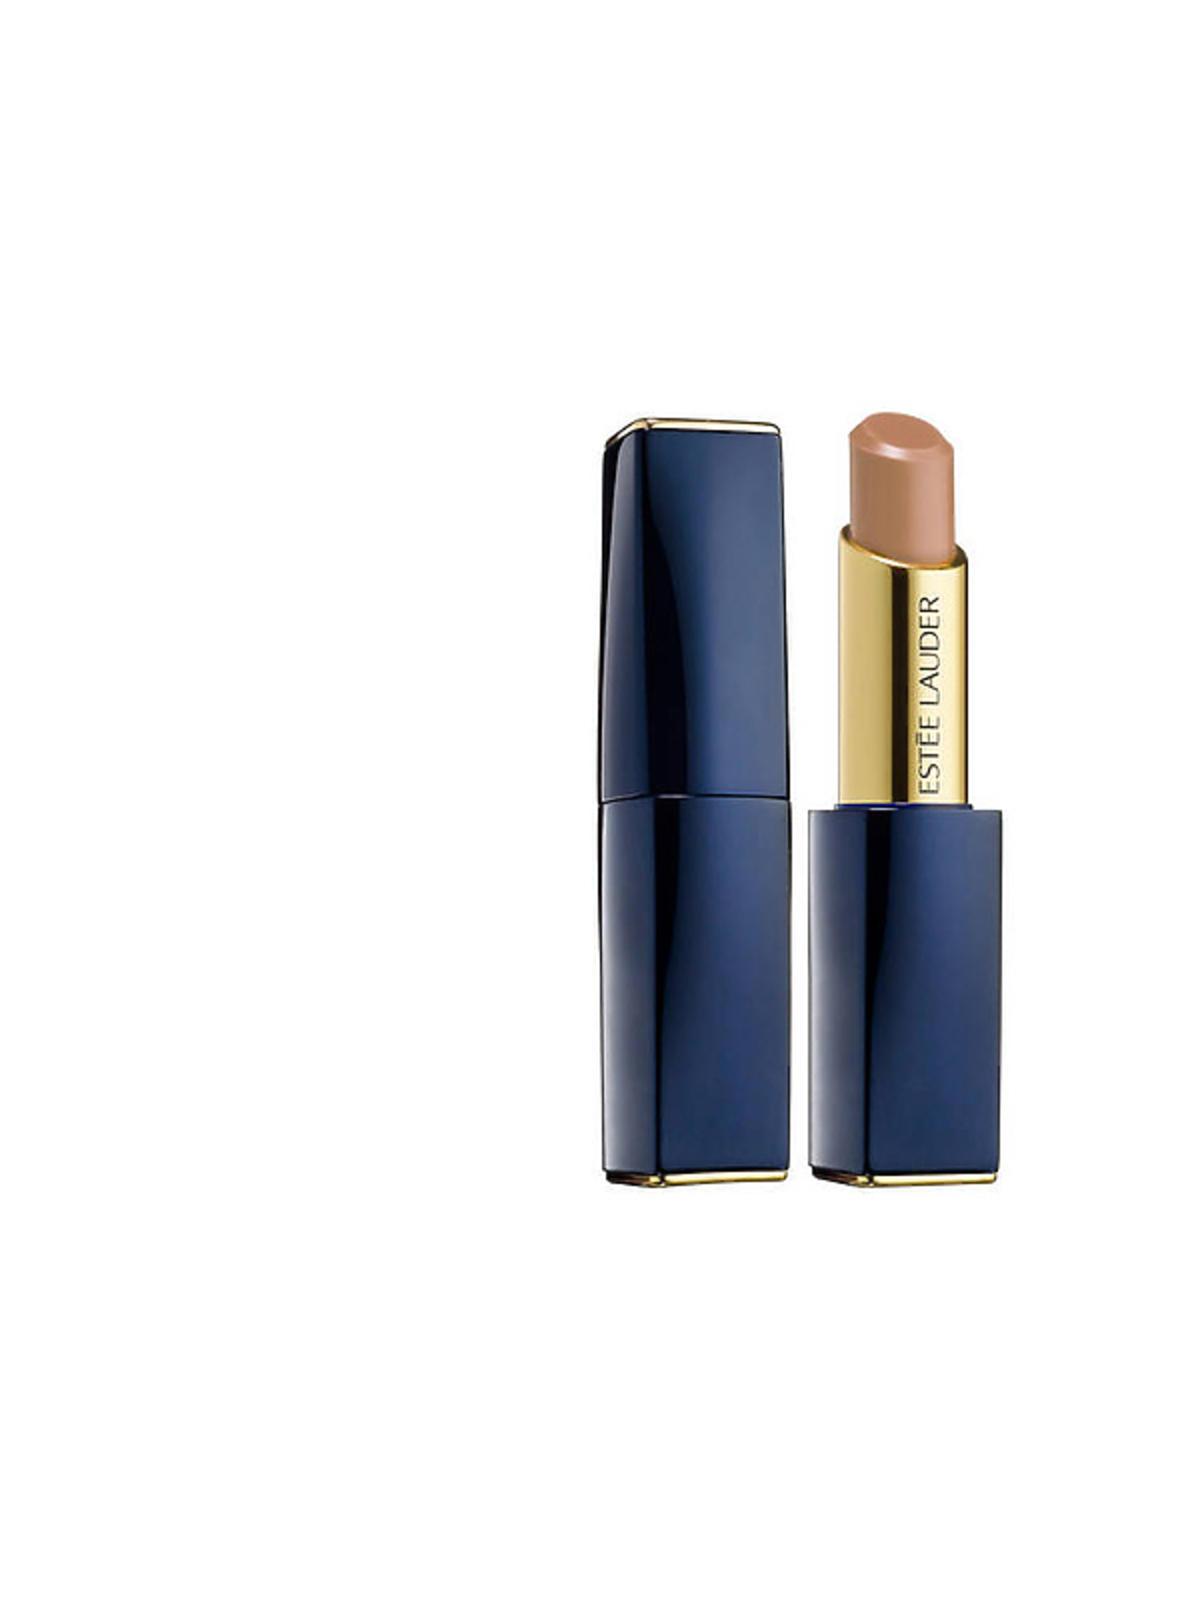 Wyprzedaż Sephora 2016 kosmetyki: Estée Lauder Pure Color Envy Shine Sculpting Lipstick Szminka do ust, cena: 85 zł (ze 139 zł, wybrane odcienie)